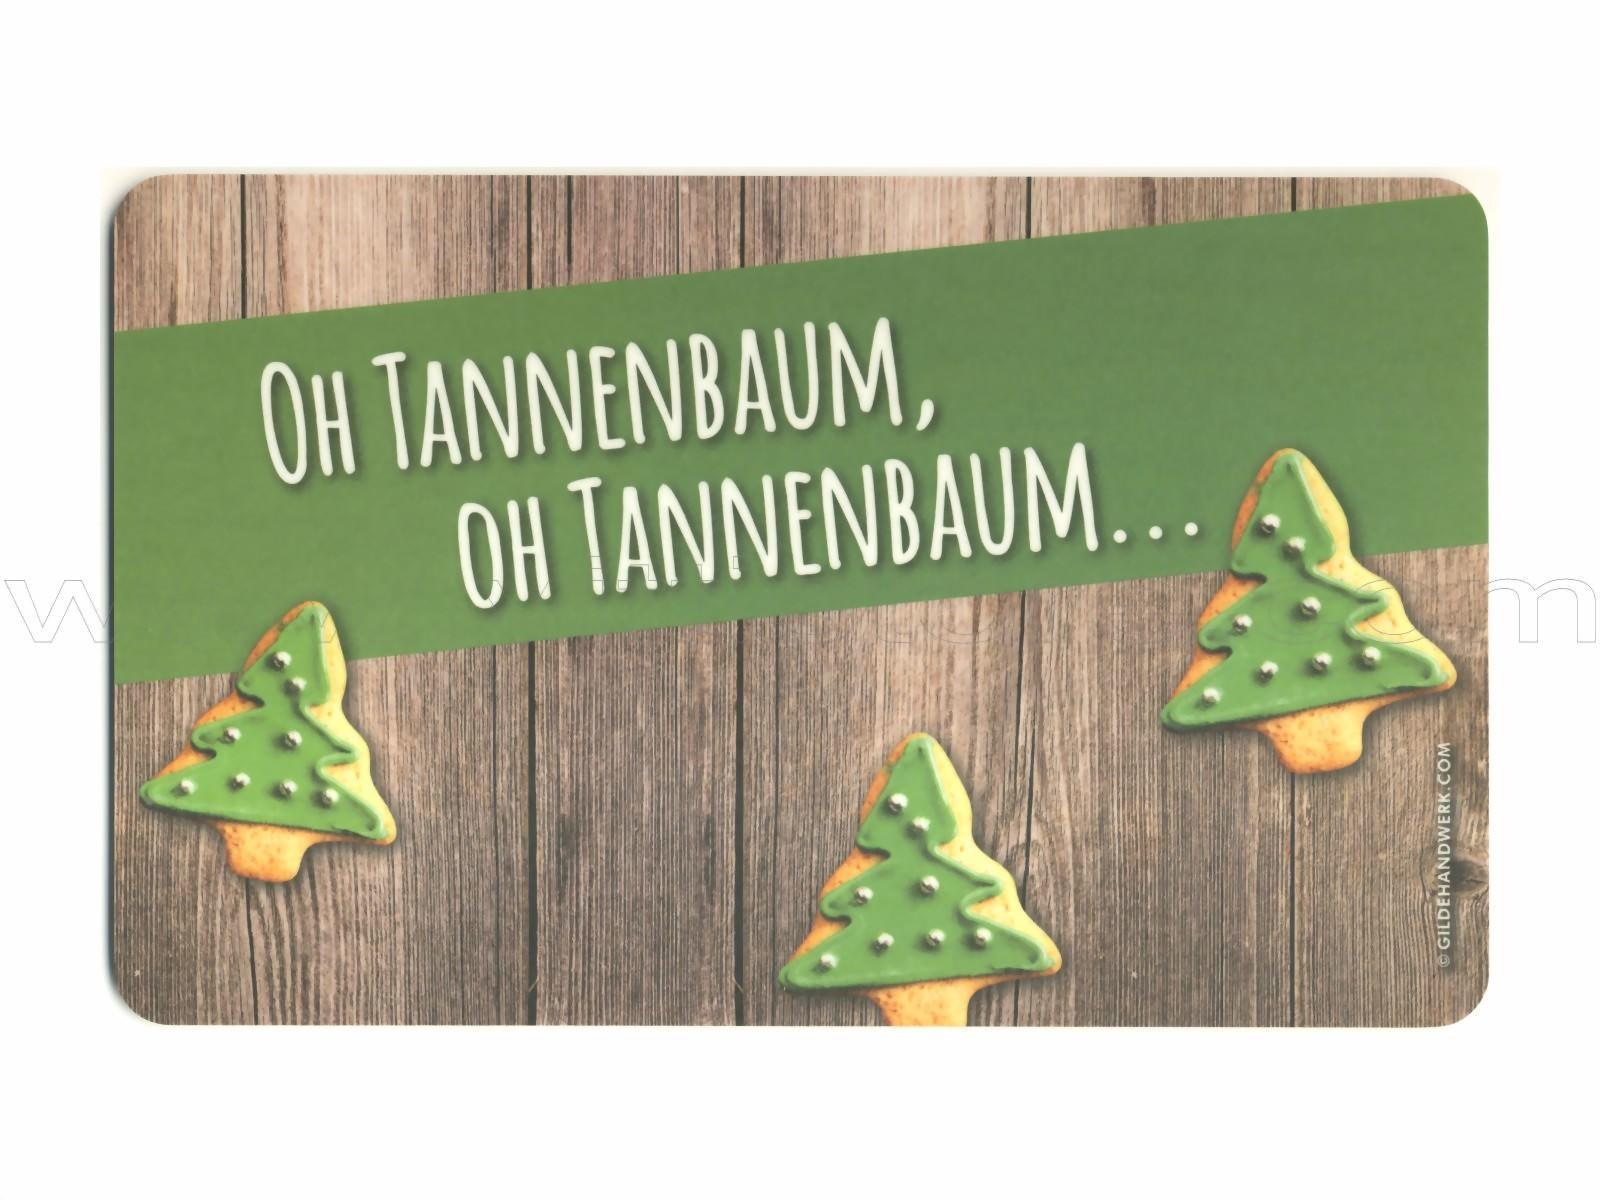 Bild Tannenbaum.Frühstücksbrettchen Oh Tannenbaum